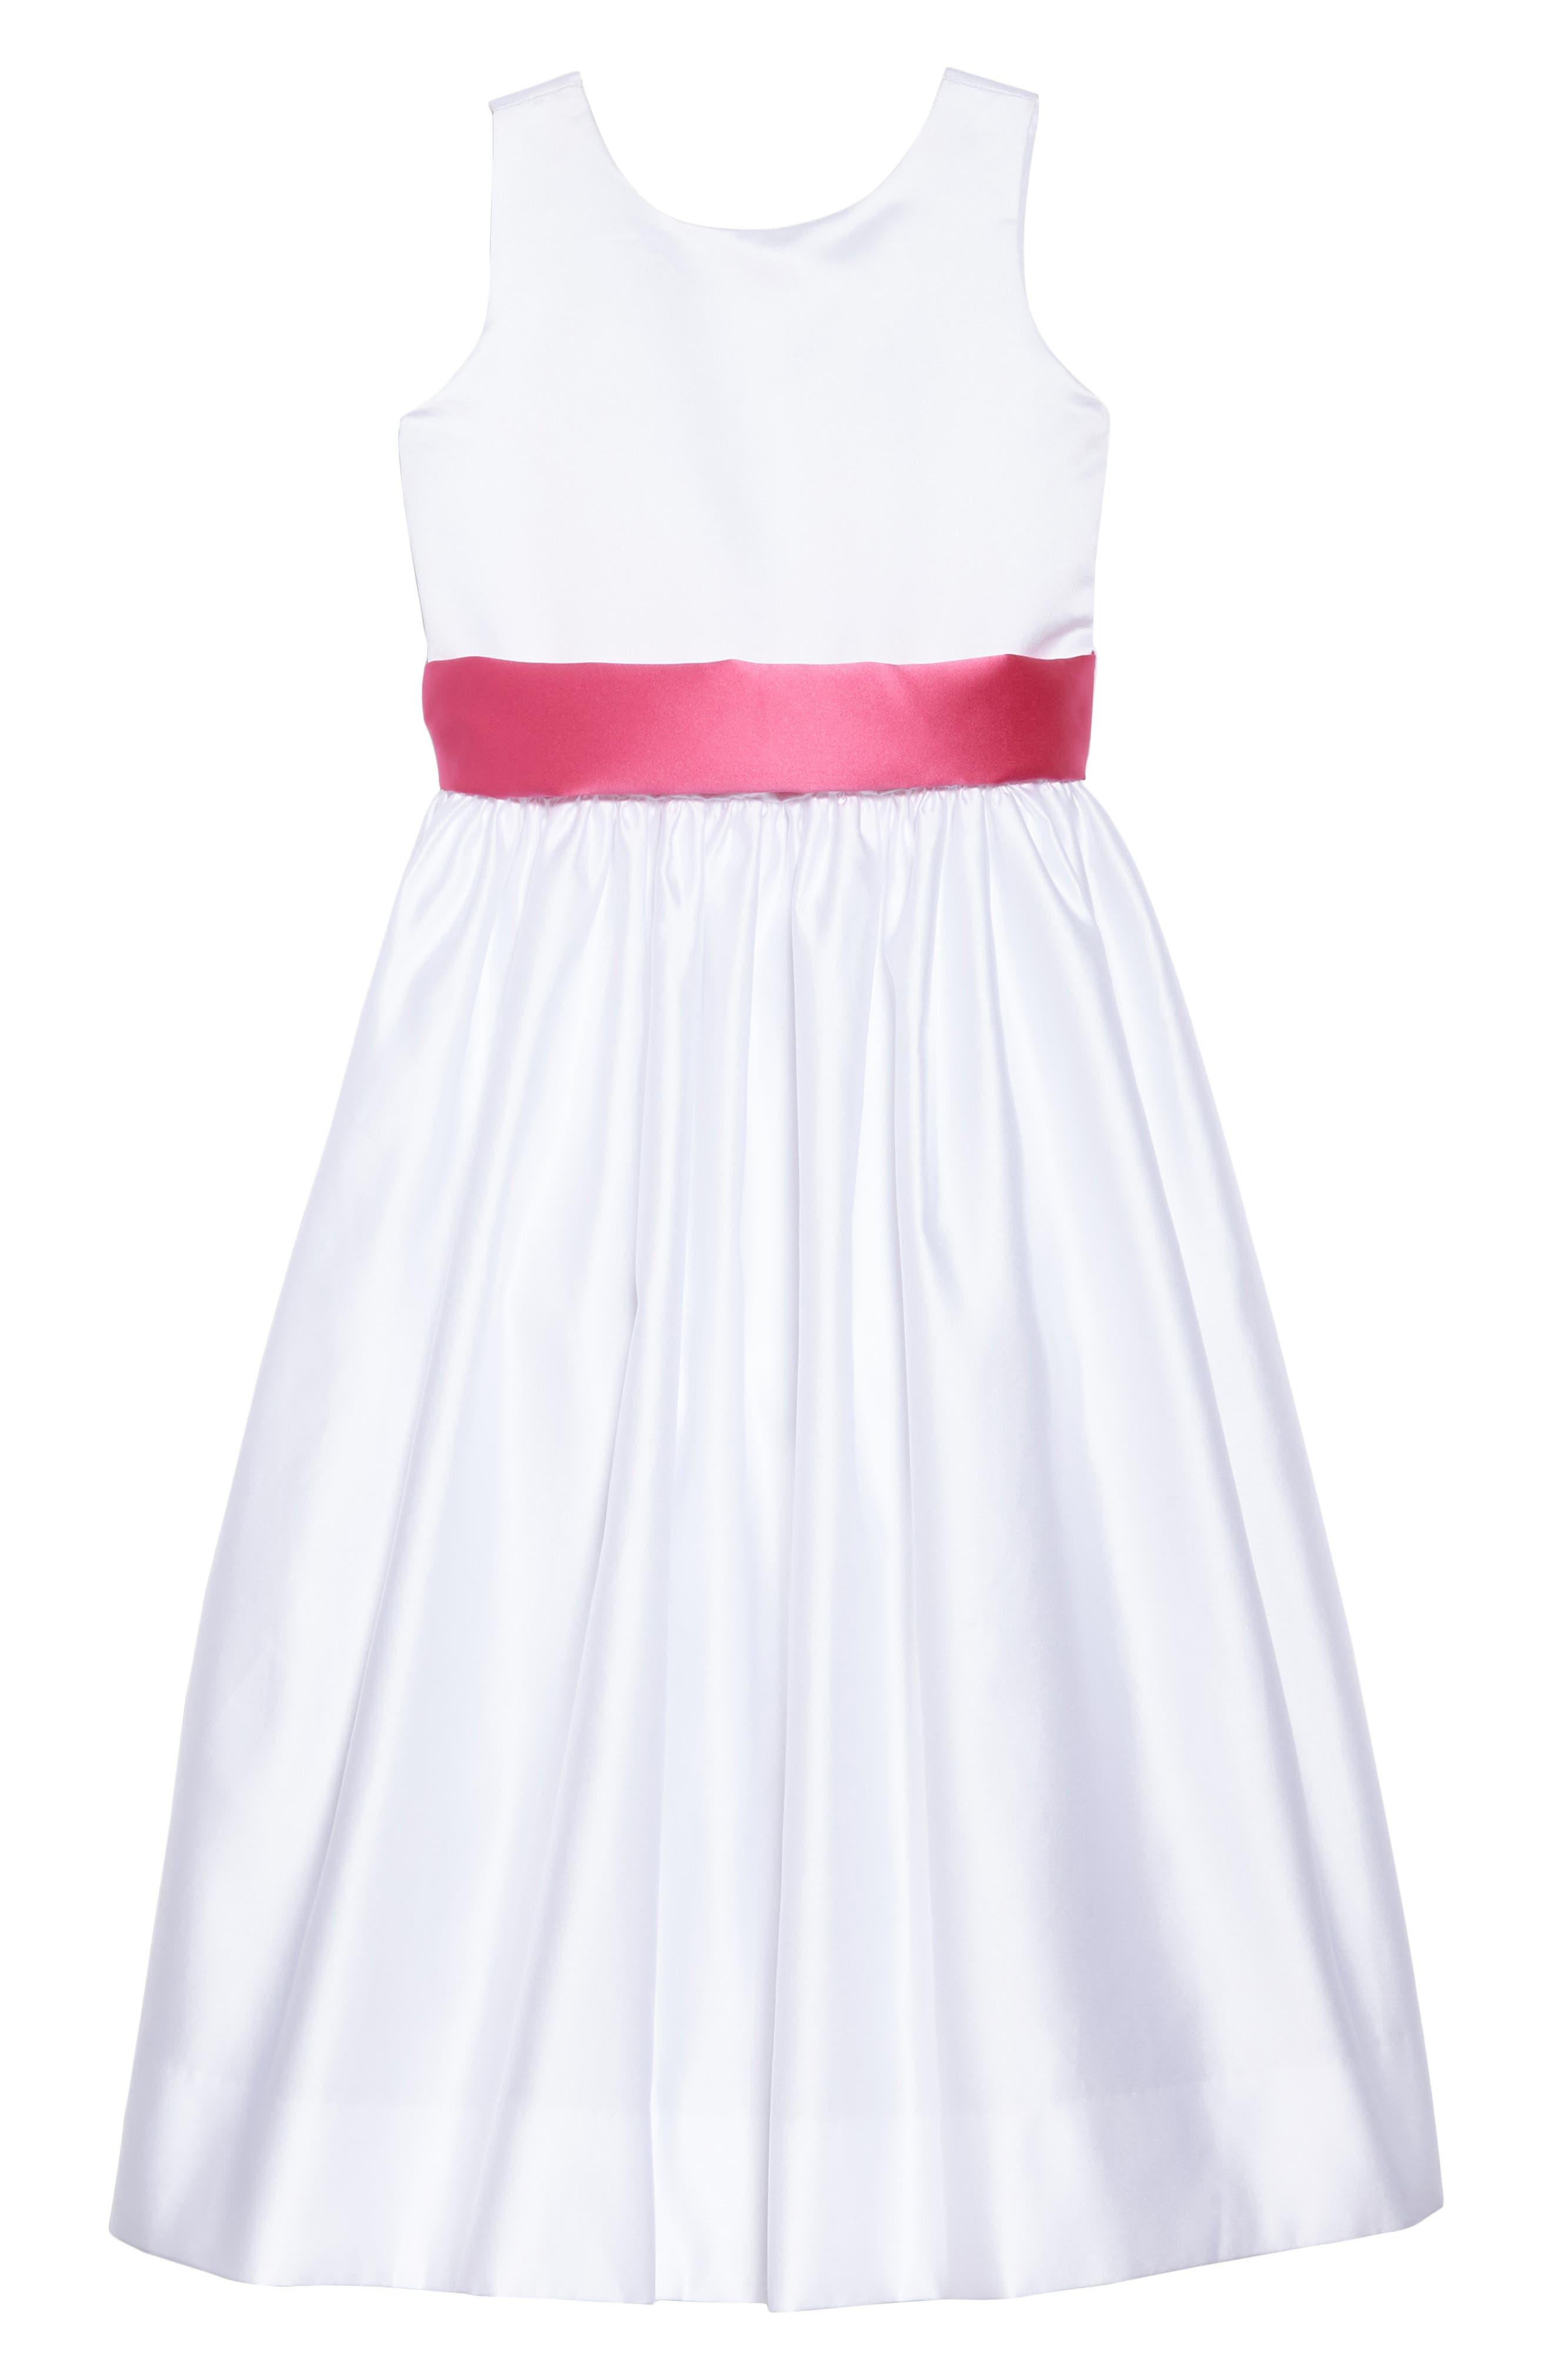 White Tank Dress with Satin Sash,                         Main,                         color, White/ Fuchsia 2